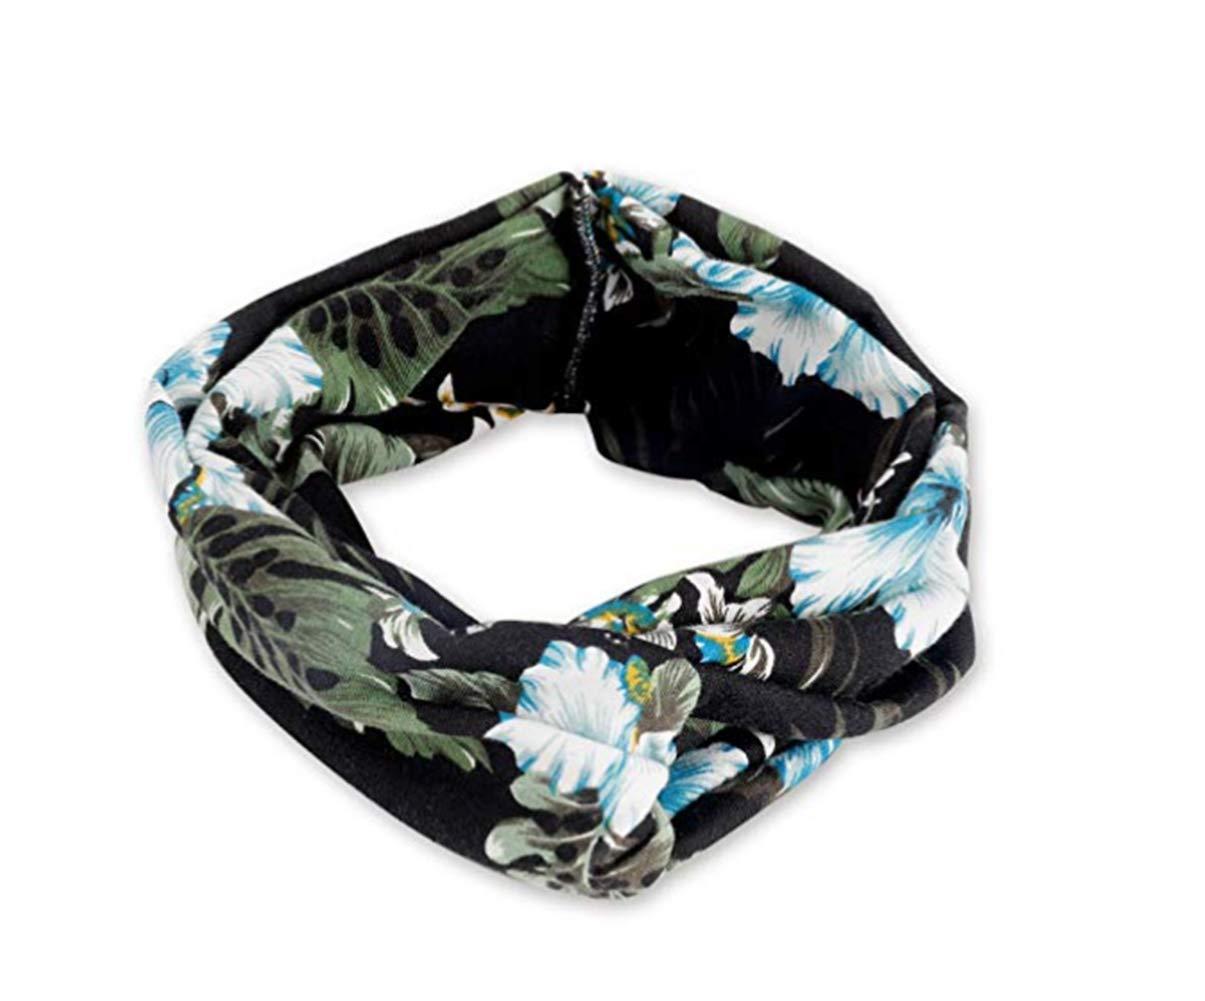 Women Boho Hair Headband Head Bands Floral Style Criss Cross Headbands for Women Beach Accessories (C)